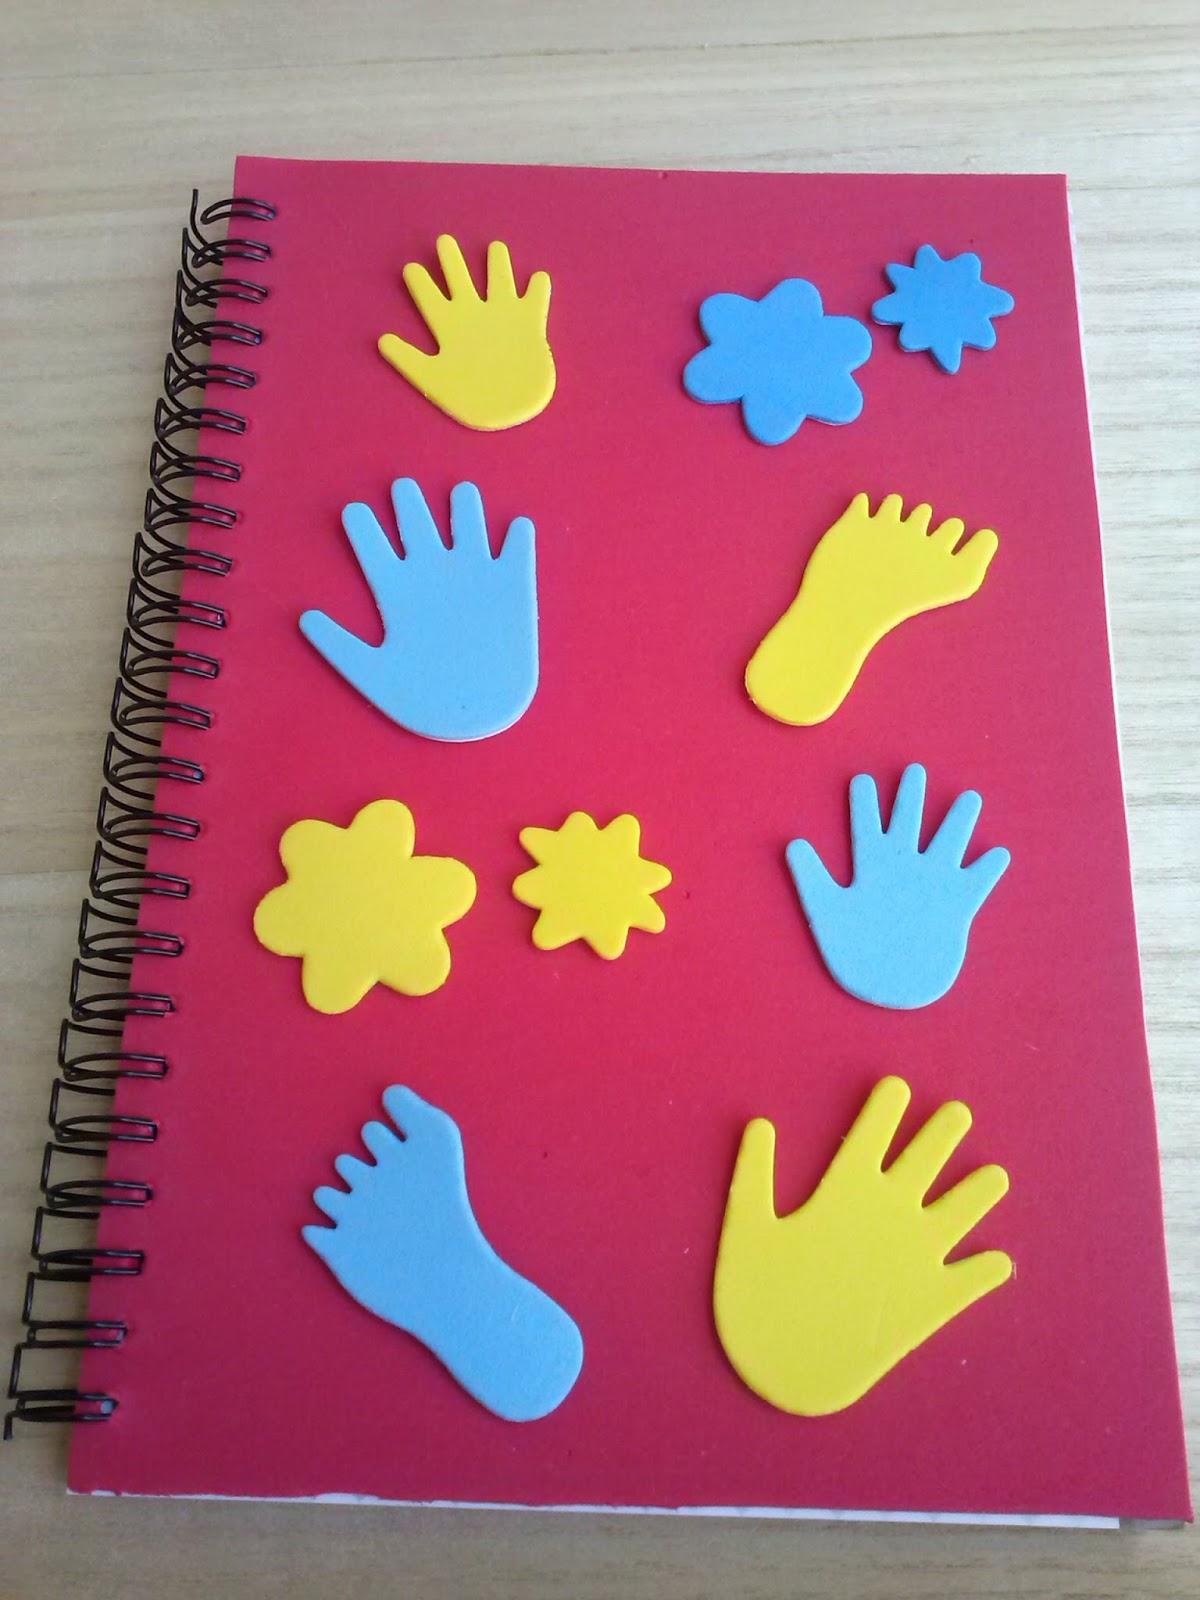 Portada Para Cuaderno O Agenda En Goma Eva Paso A Paso | Search